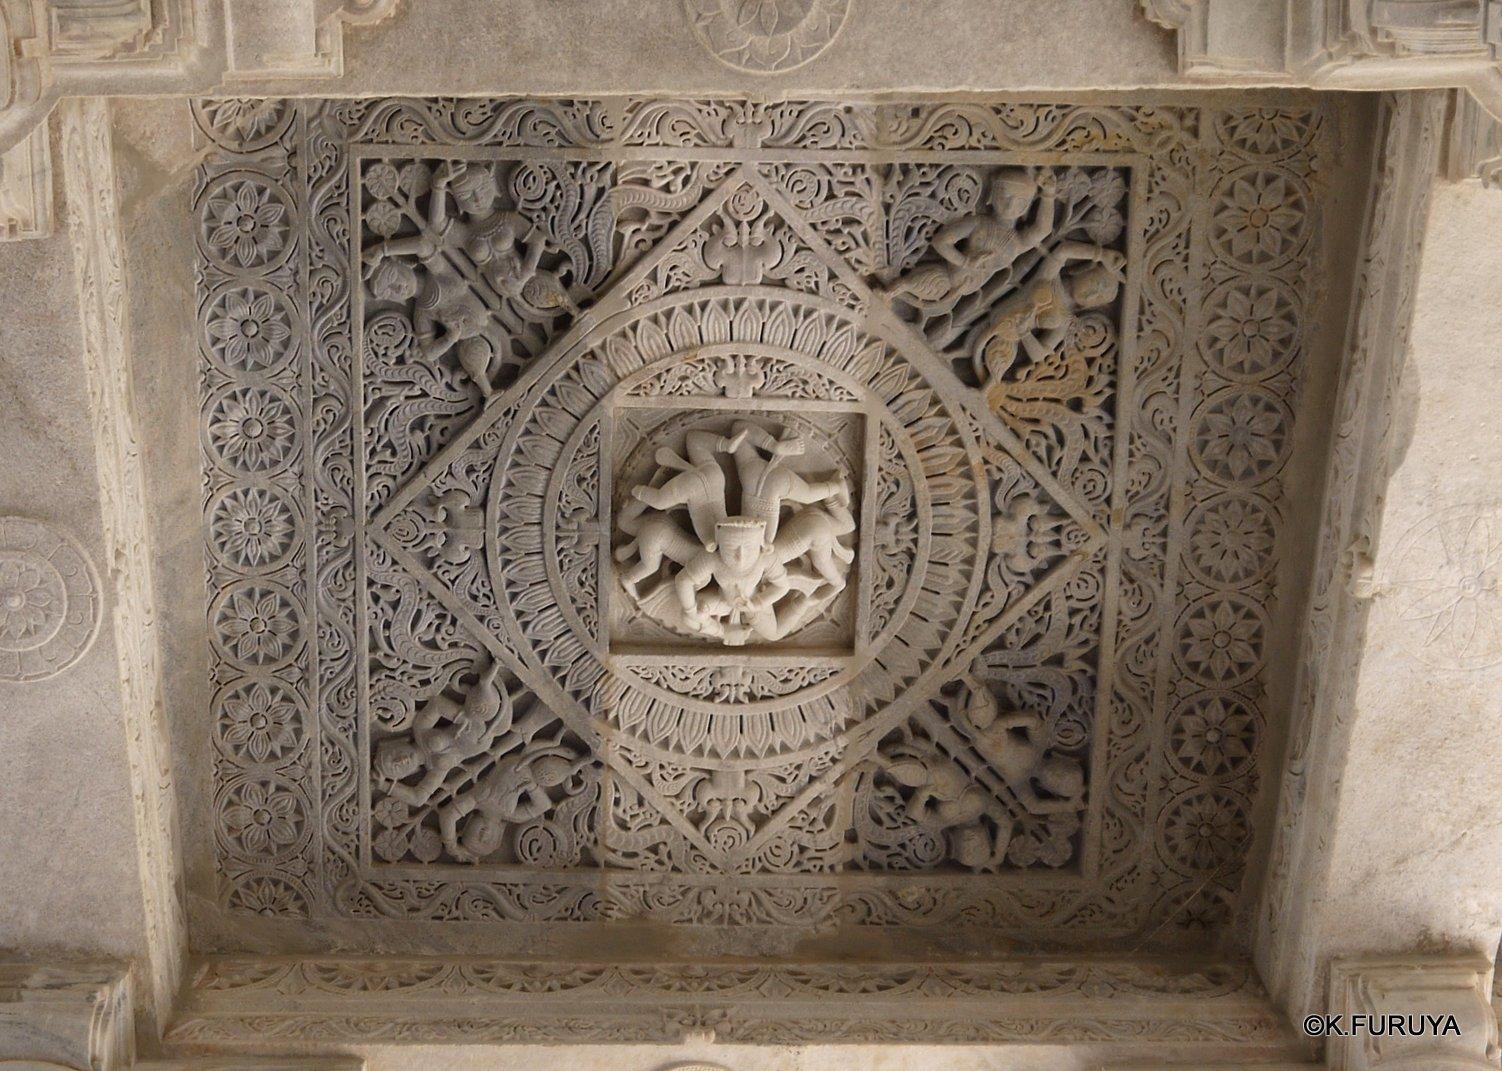 インド・ラジャスタンの旅 11 ジャイナ教の聖地ラーナクプル_a0092659_22124775.jpg